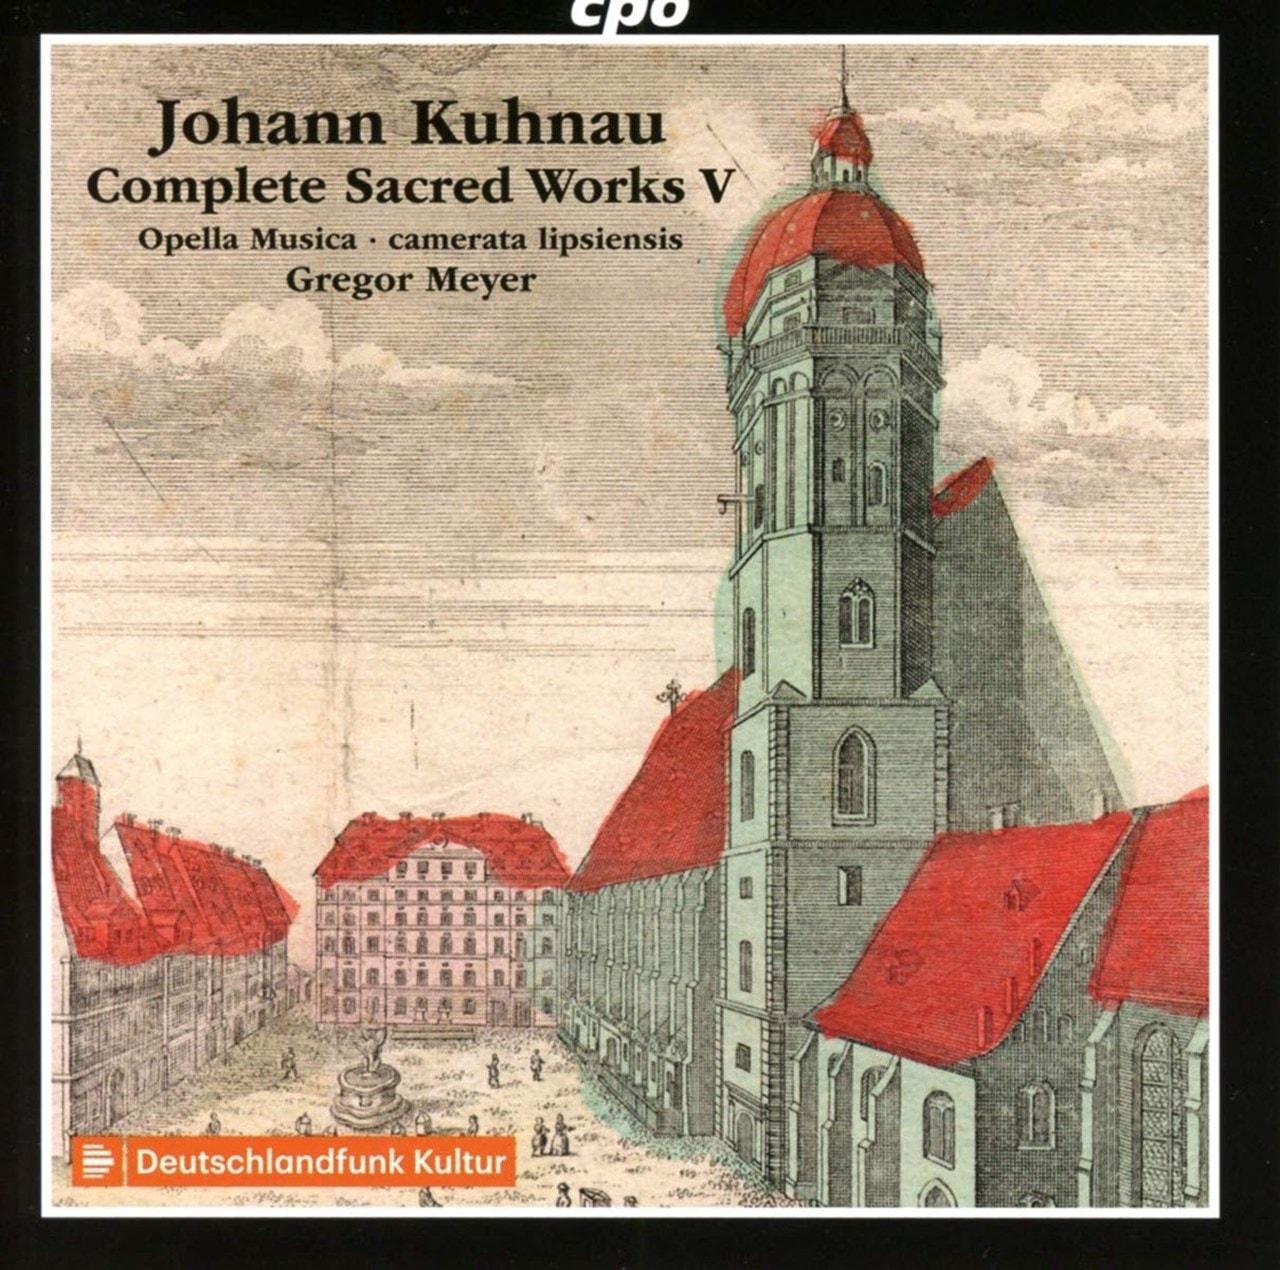 Johann Kuhnau: Complete Sacred Works - Volume 5 - 1